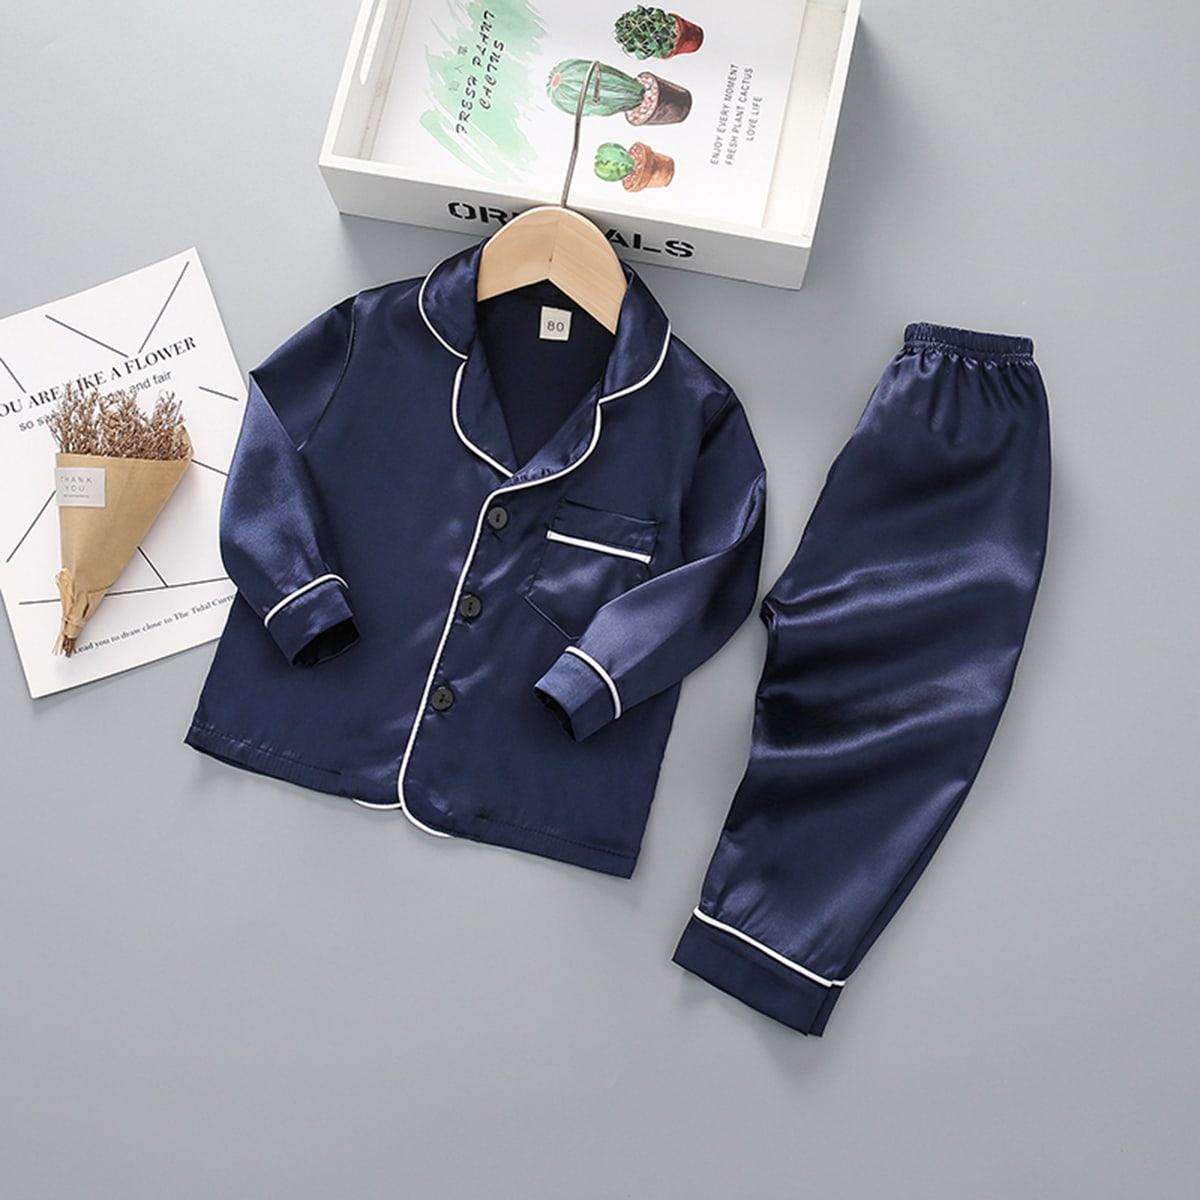 с карманами Повседневный Домашняя одежда для мальчиков